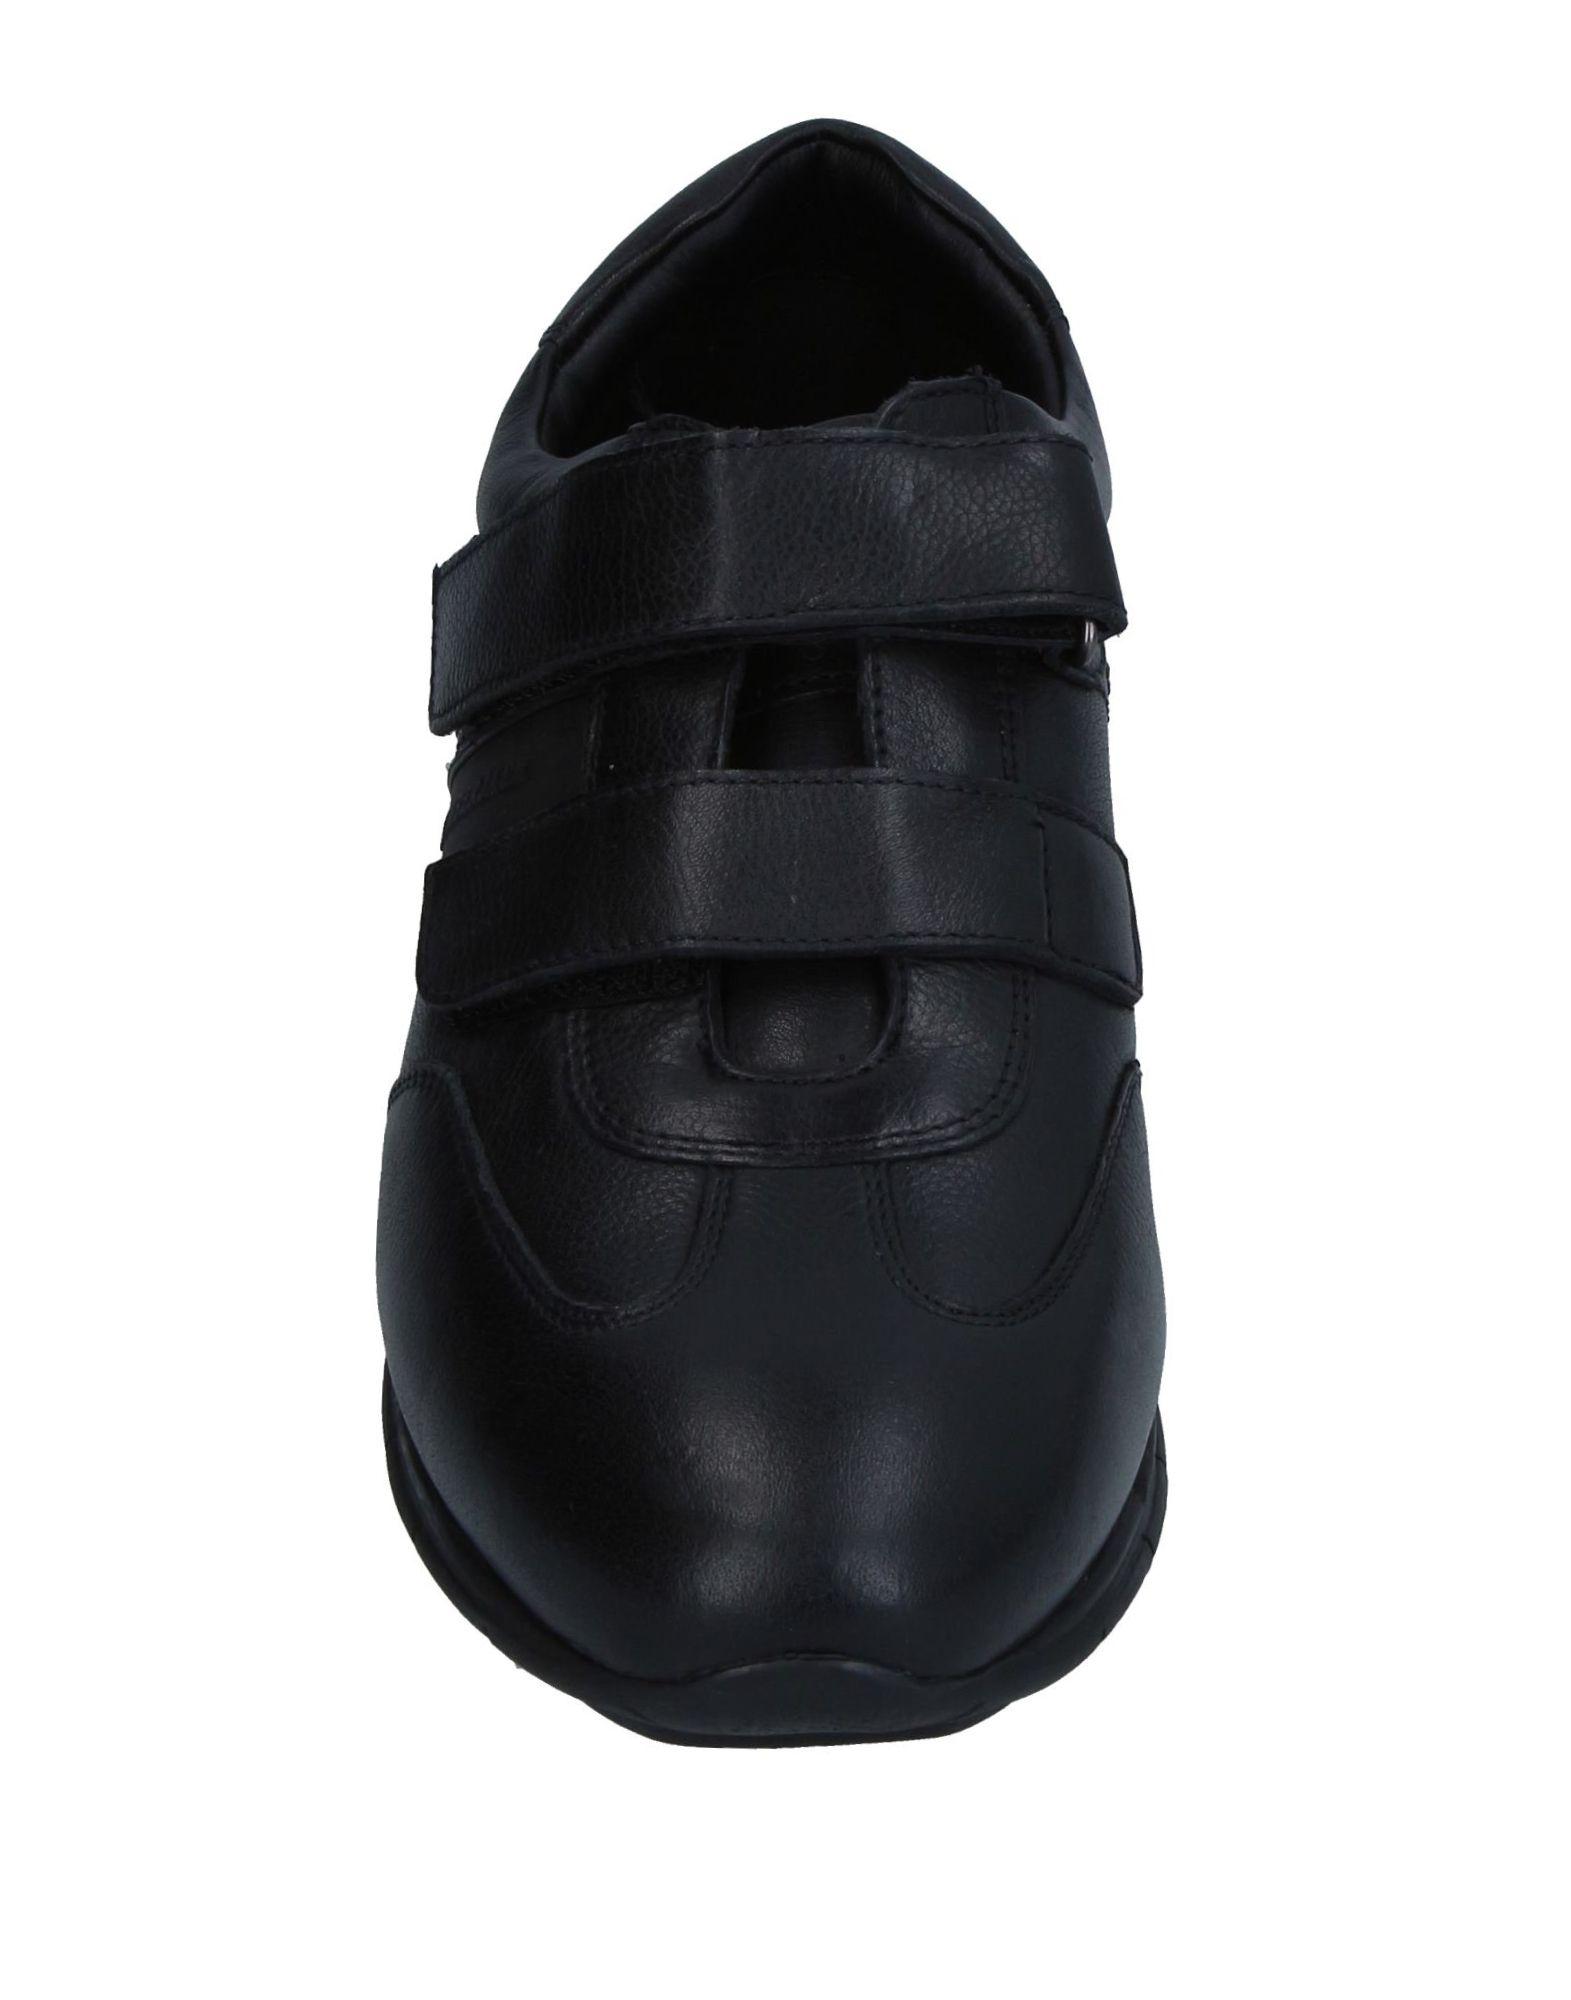 11321028OW Lumberjack Sneakers Herren  11321028OW  55bce6